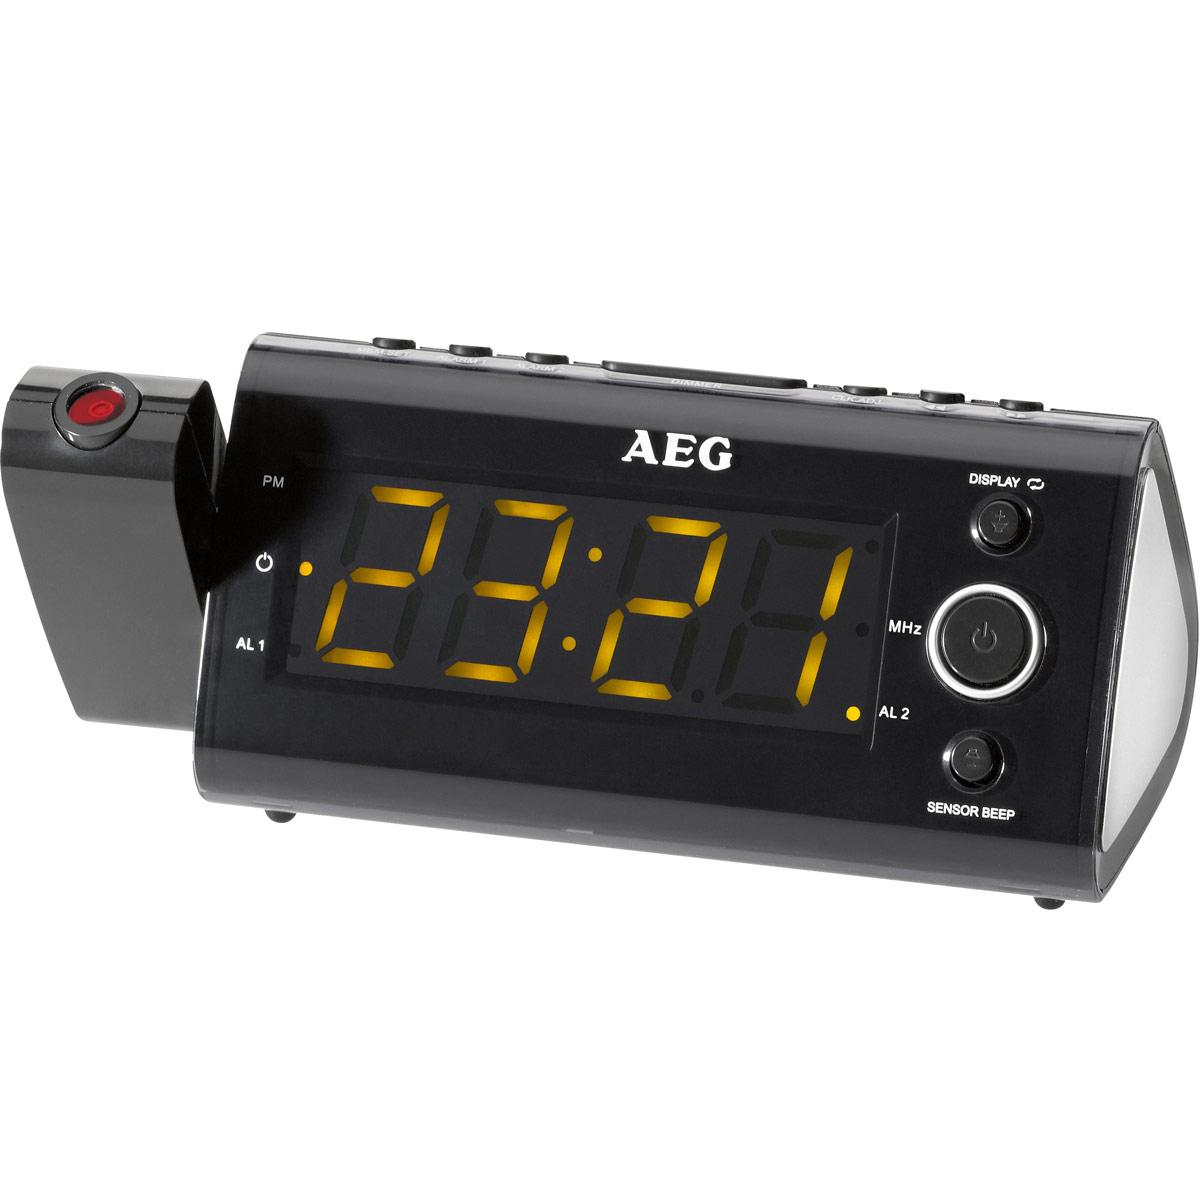 AEG MRC 4121 P Sensor, Black радиочасыMRC 4121 P schwarzРадиобудильник AEG MRC 4121 P с интегрированным инфракрасным датчиком. С помощью интегрированного инфракрасного датчика можно управлять такими функциями, как таймер автоматического отключения, спящий режим, смена индикации температуры в помещении, будильника, времени и радиочастоты путем простого взмаха над датчиком. Индикация даты Индикация температуры и часов Поворотный проектор 180° с возможностью фокусировки Светодиодный дисплей размером около 11 см, с оранжевой подсветкой Интегрированный инфракрасный датчик для бесконтактного управления Цифровая индикация частоты настройки, 10 ячеек памяти для запоминания радиостанций, дипольная антенна Резервное питание для часов при отключении питания сети Резервное питание для часов: часовая батарея CR 2032 (батарея в комплект поставки не входит)